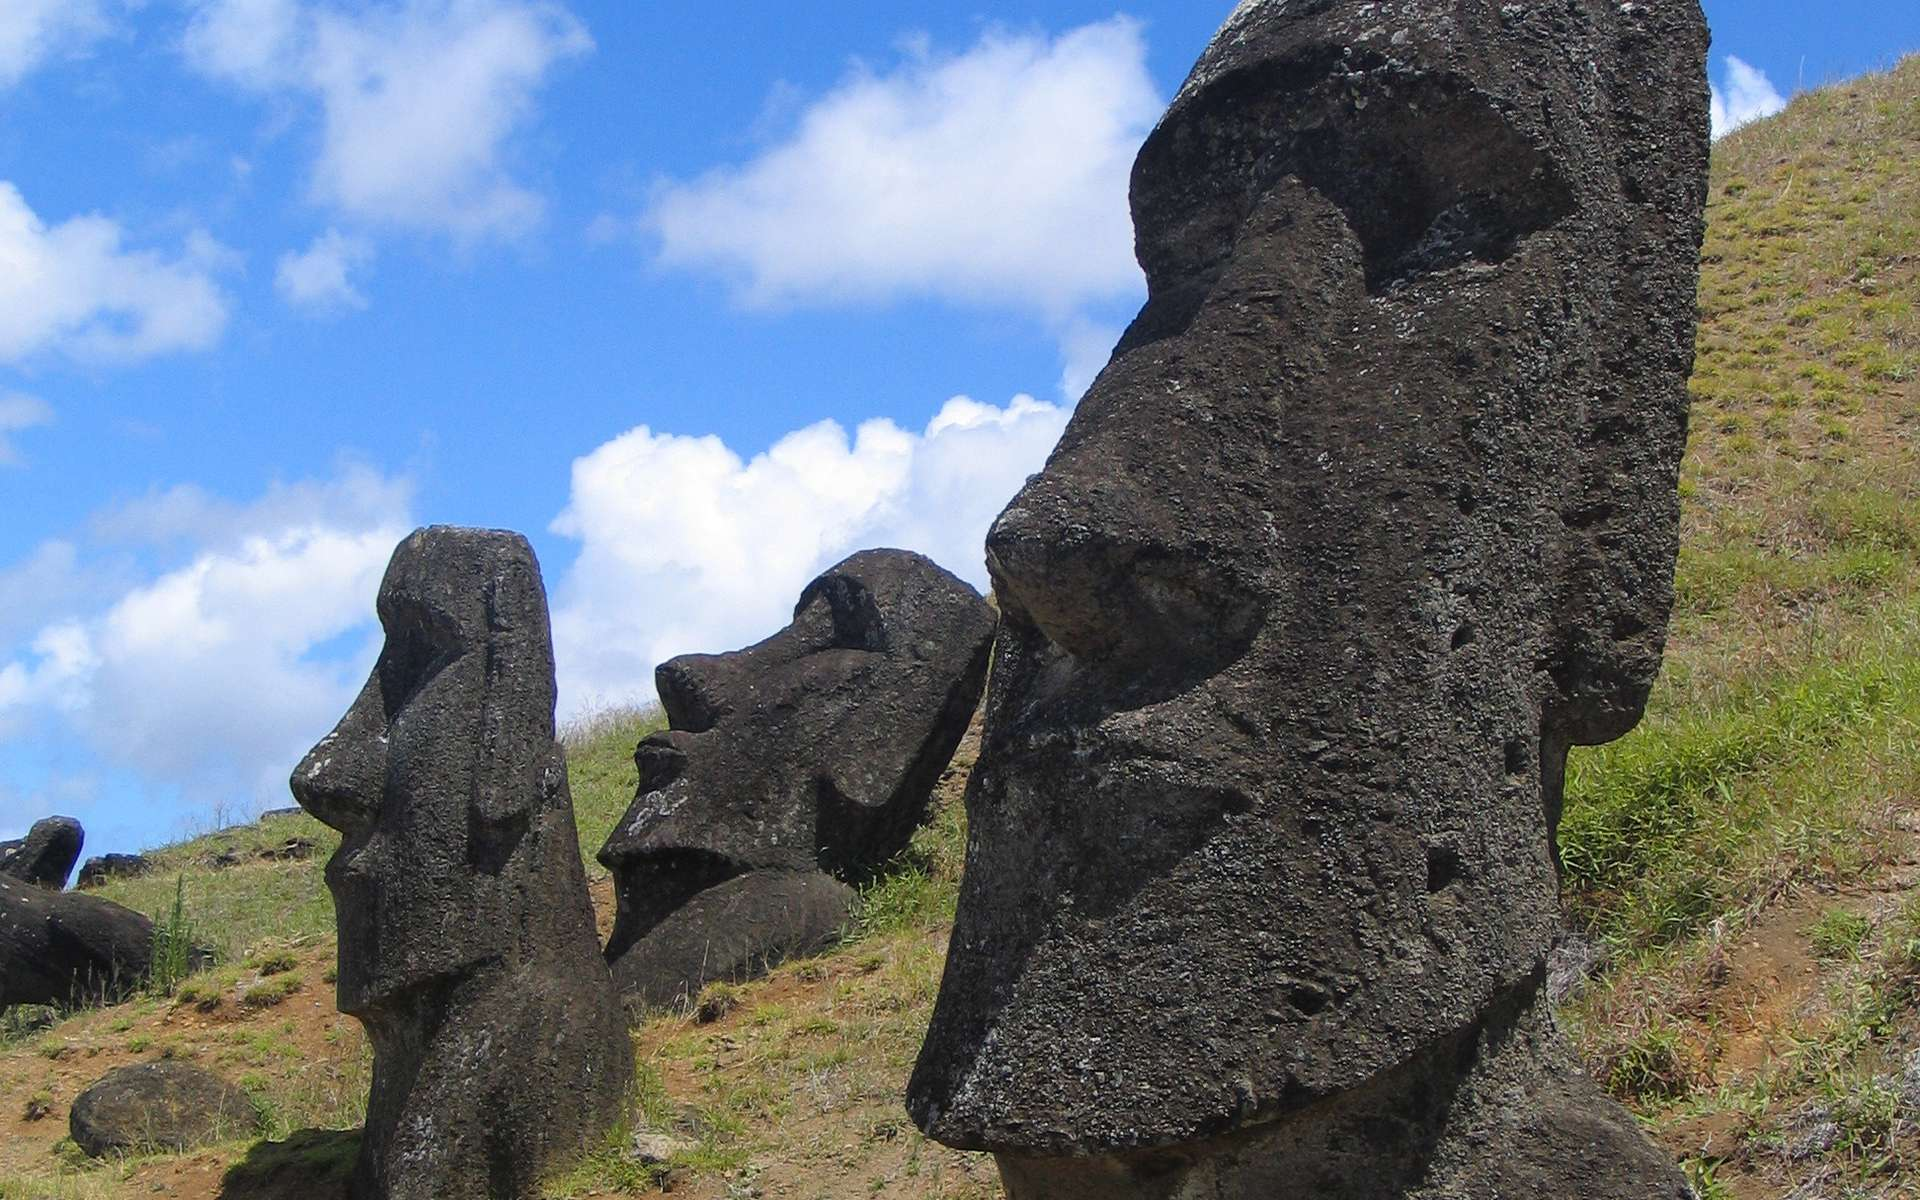 La terre des moais, les géants de pierre de Rapa Nui, cache-t-elle le secret de la longévité ? © Commons